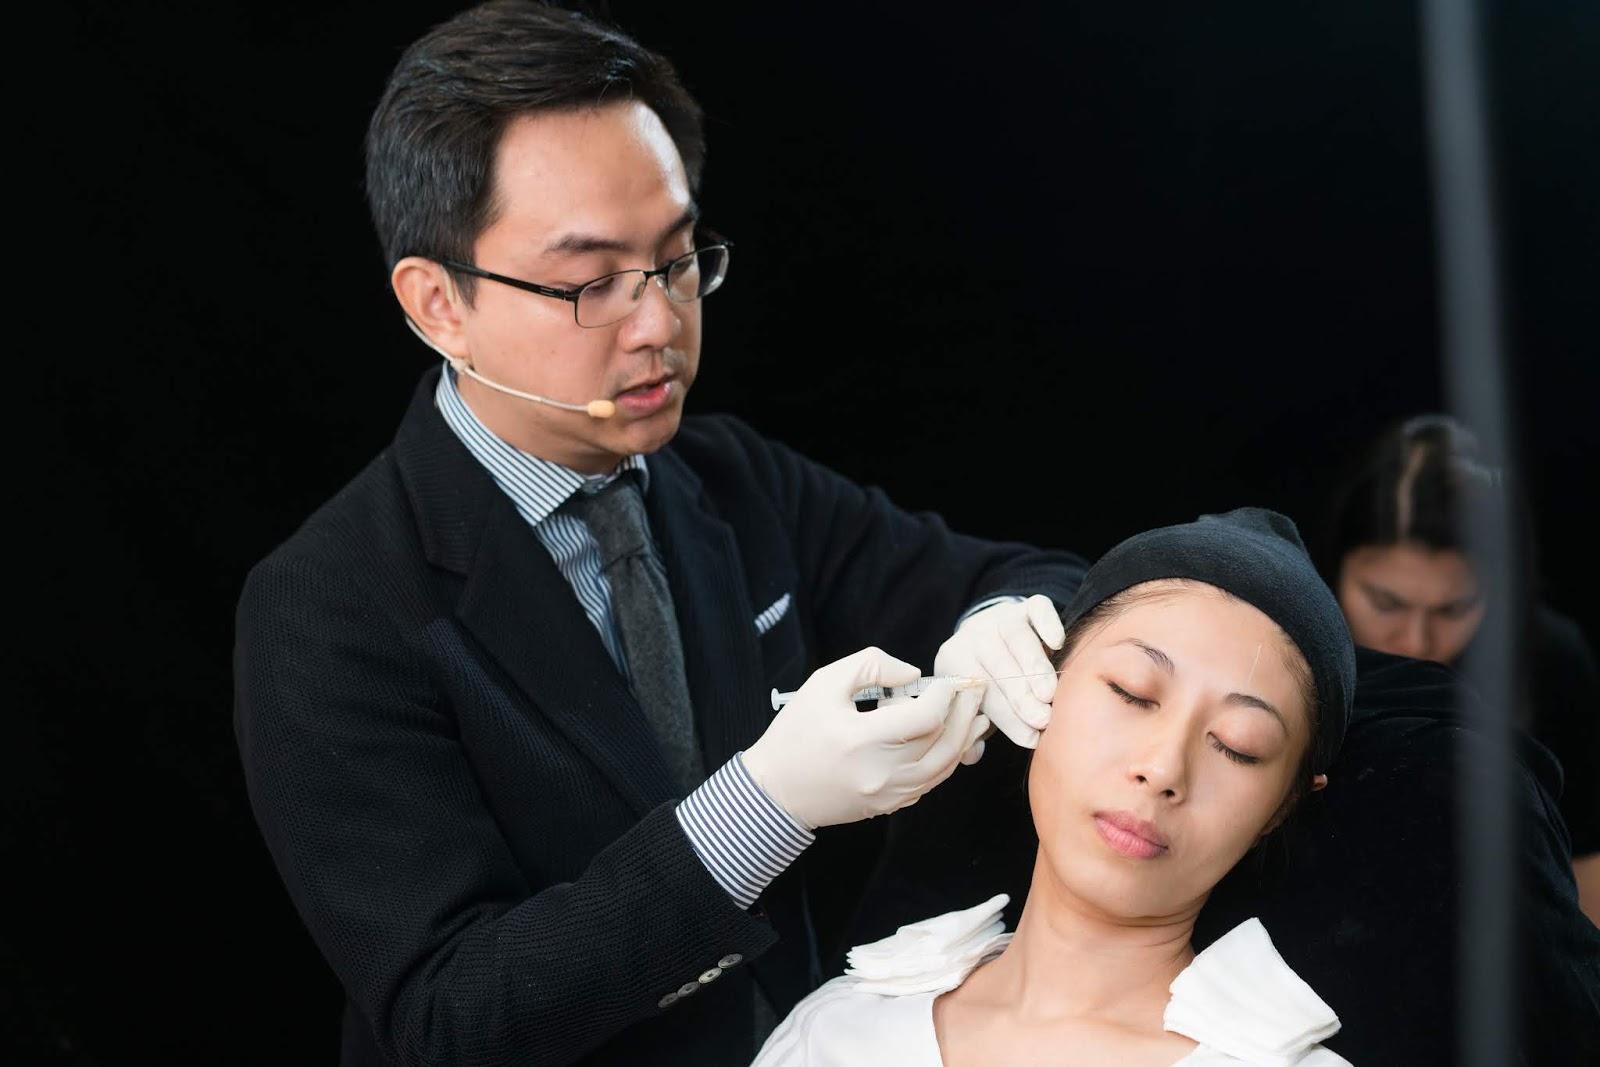 【舒顏萃】關於青春 一定要變形嗎? - 林亮辰皮膚專科診所